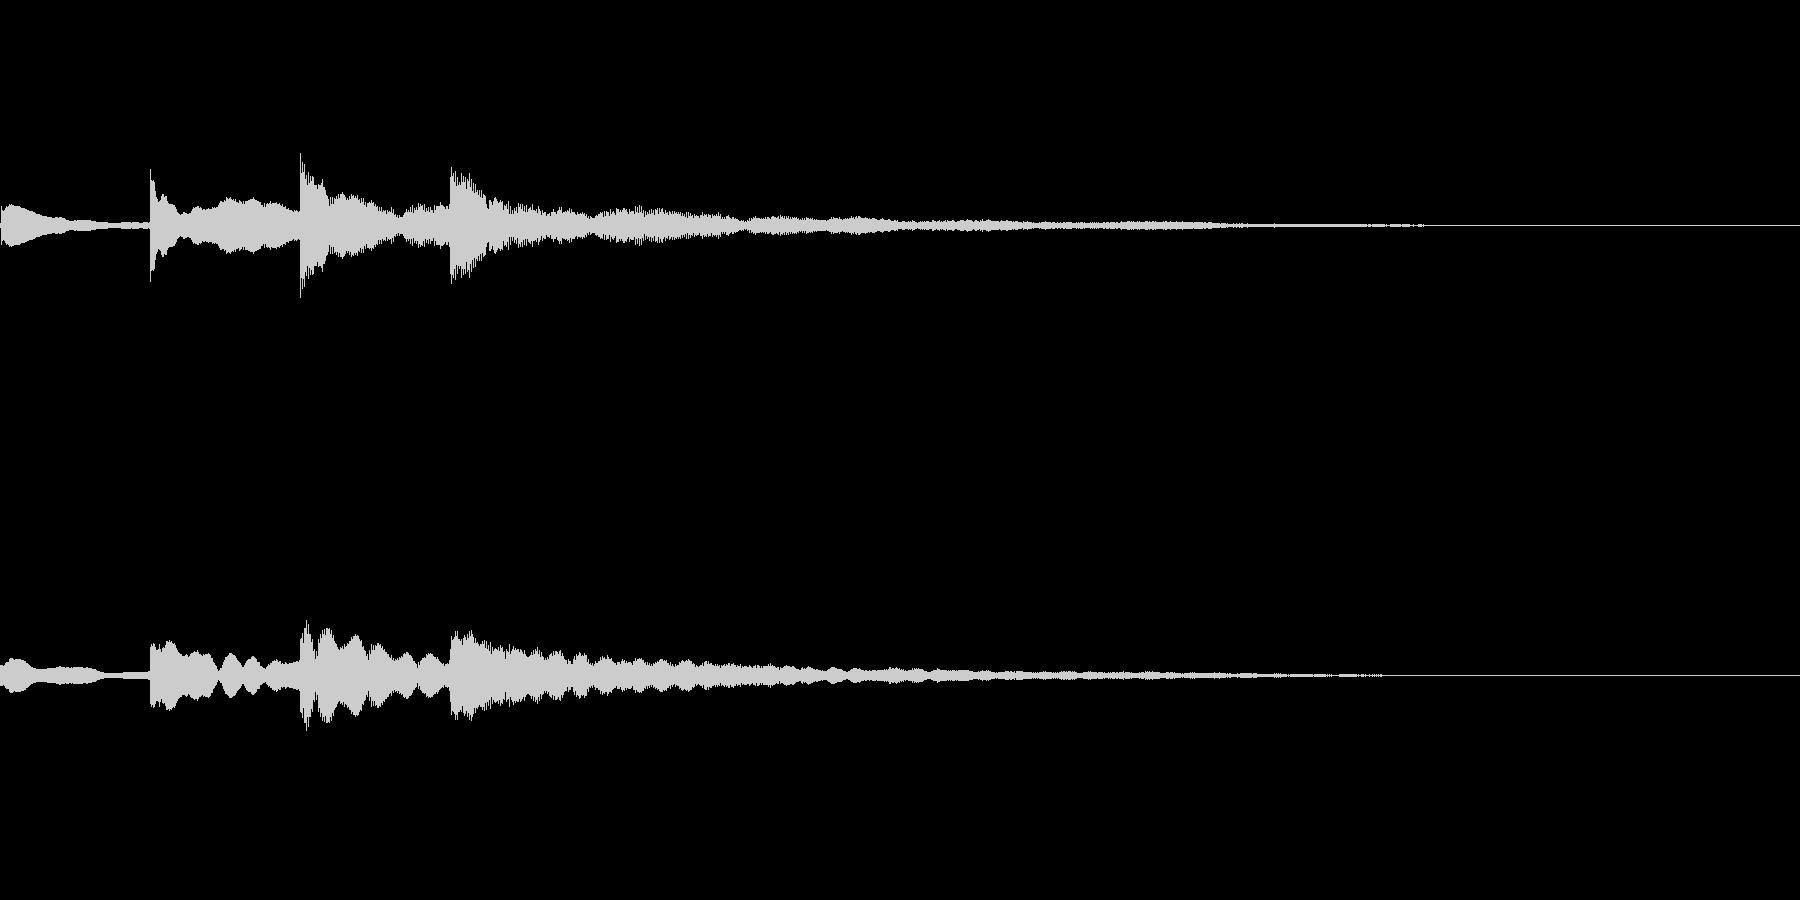 不安音02の未再生の波形